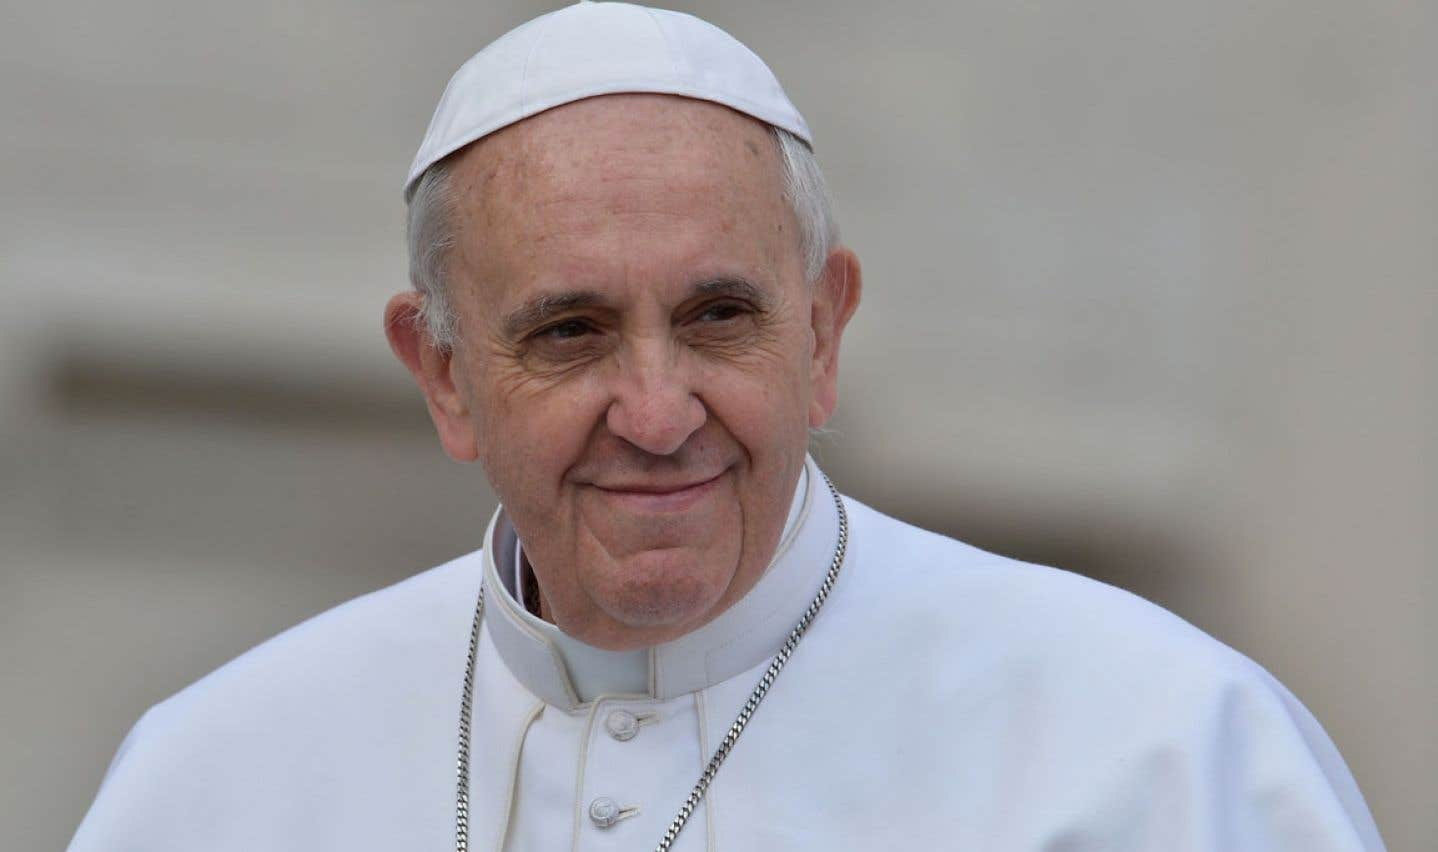 François en voie de changer l'Église, sans révolution